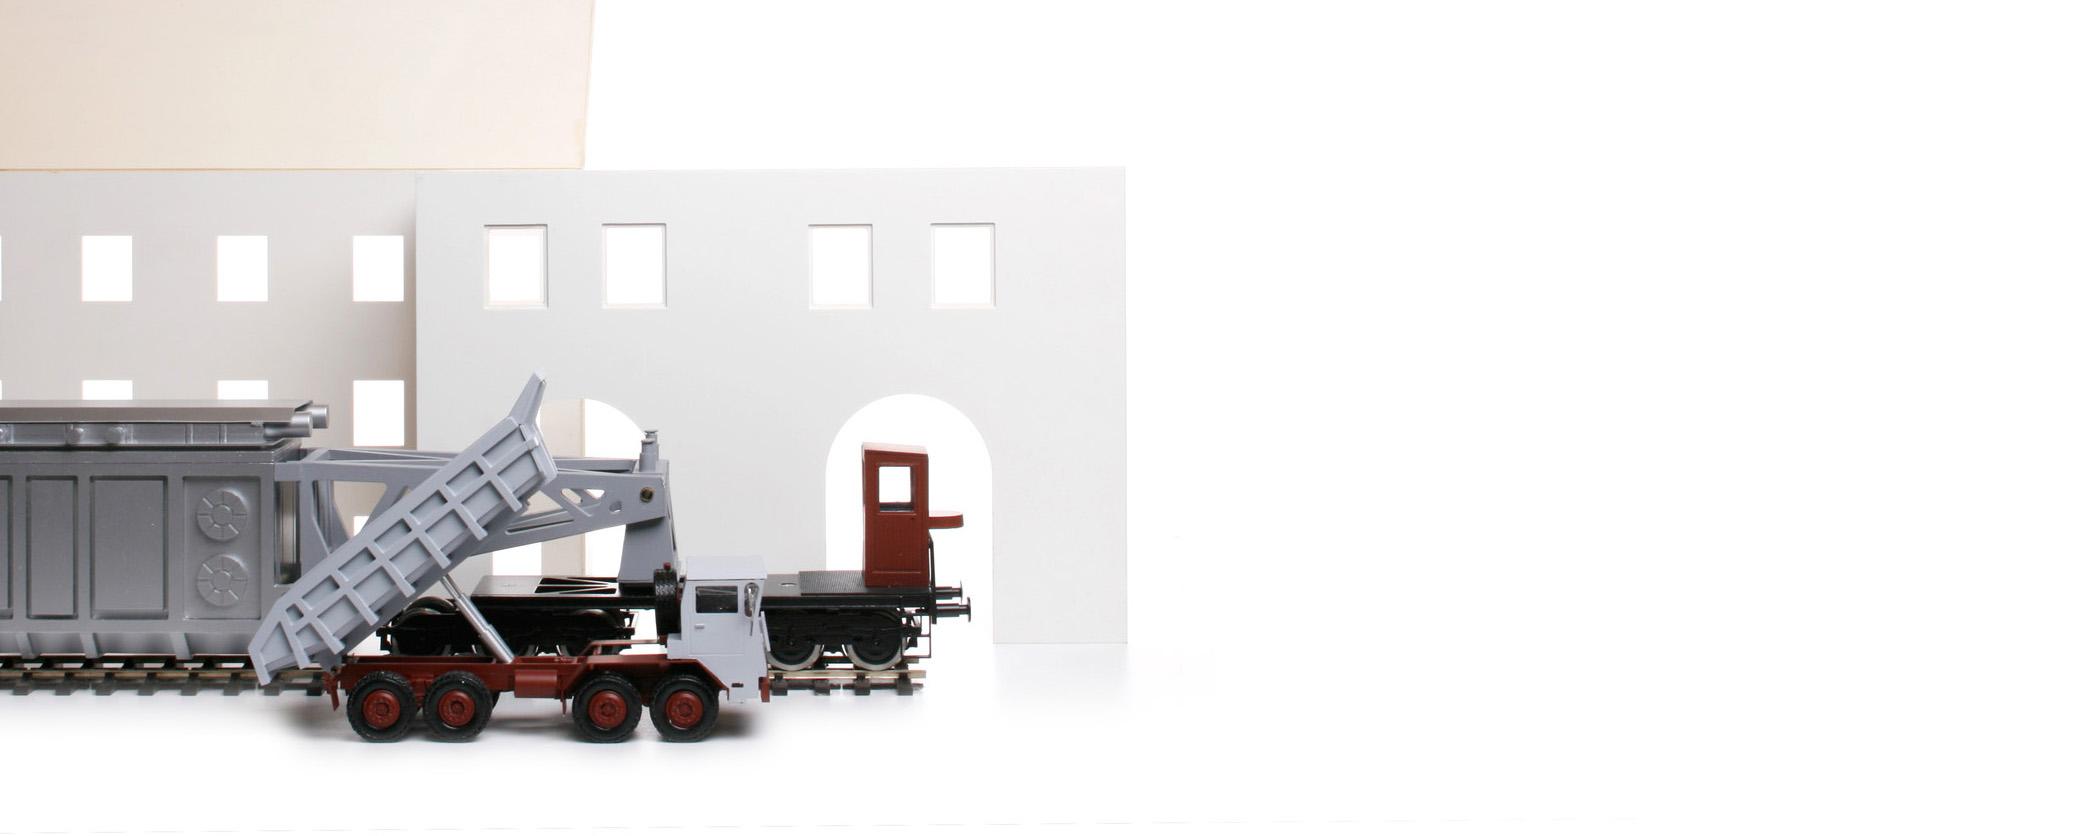 Architektur- und Technischer-Modellbau